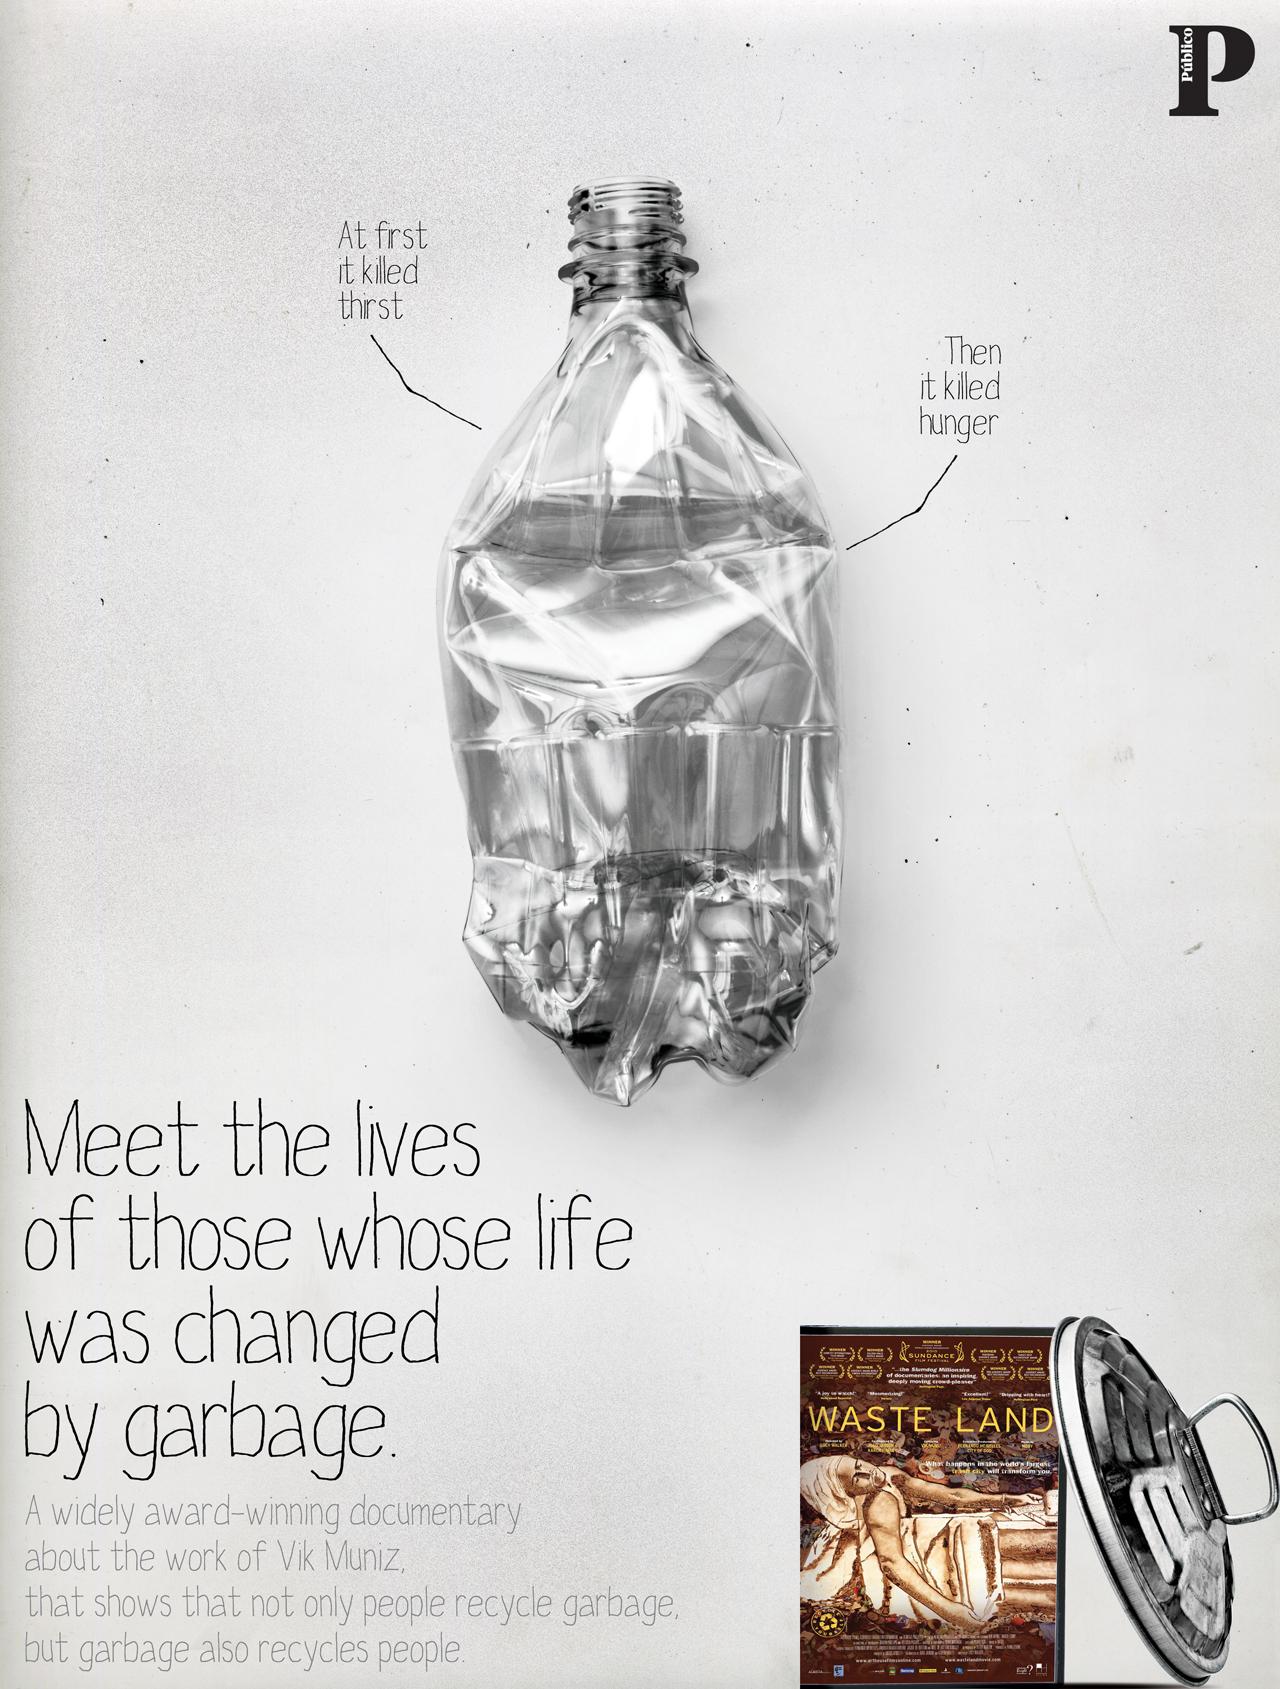 Print Ad Publico Newspaper Coke